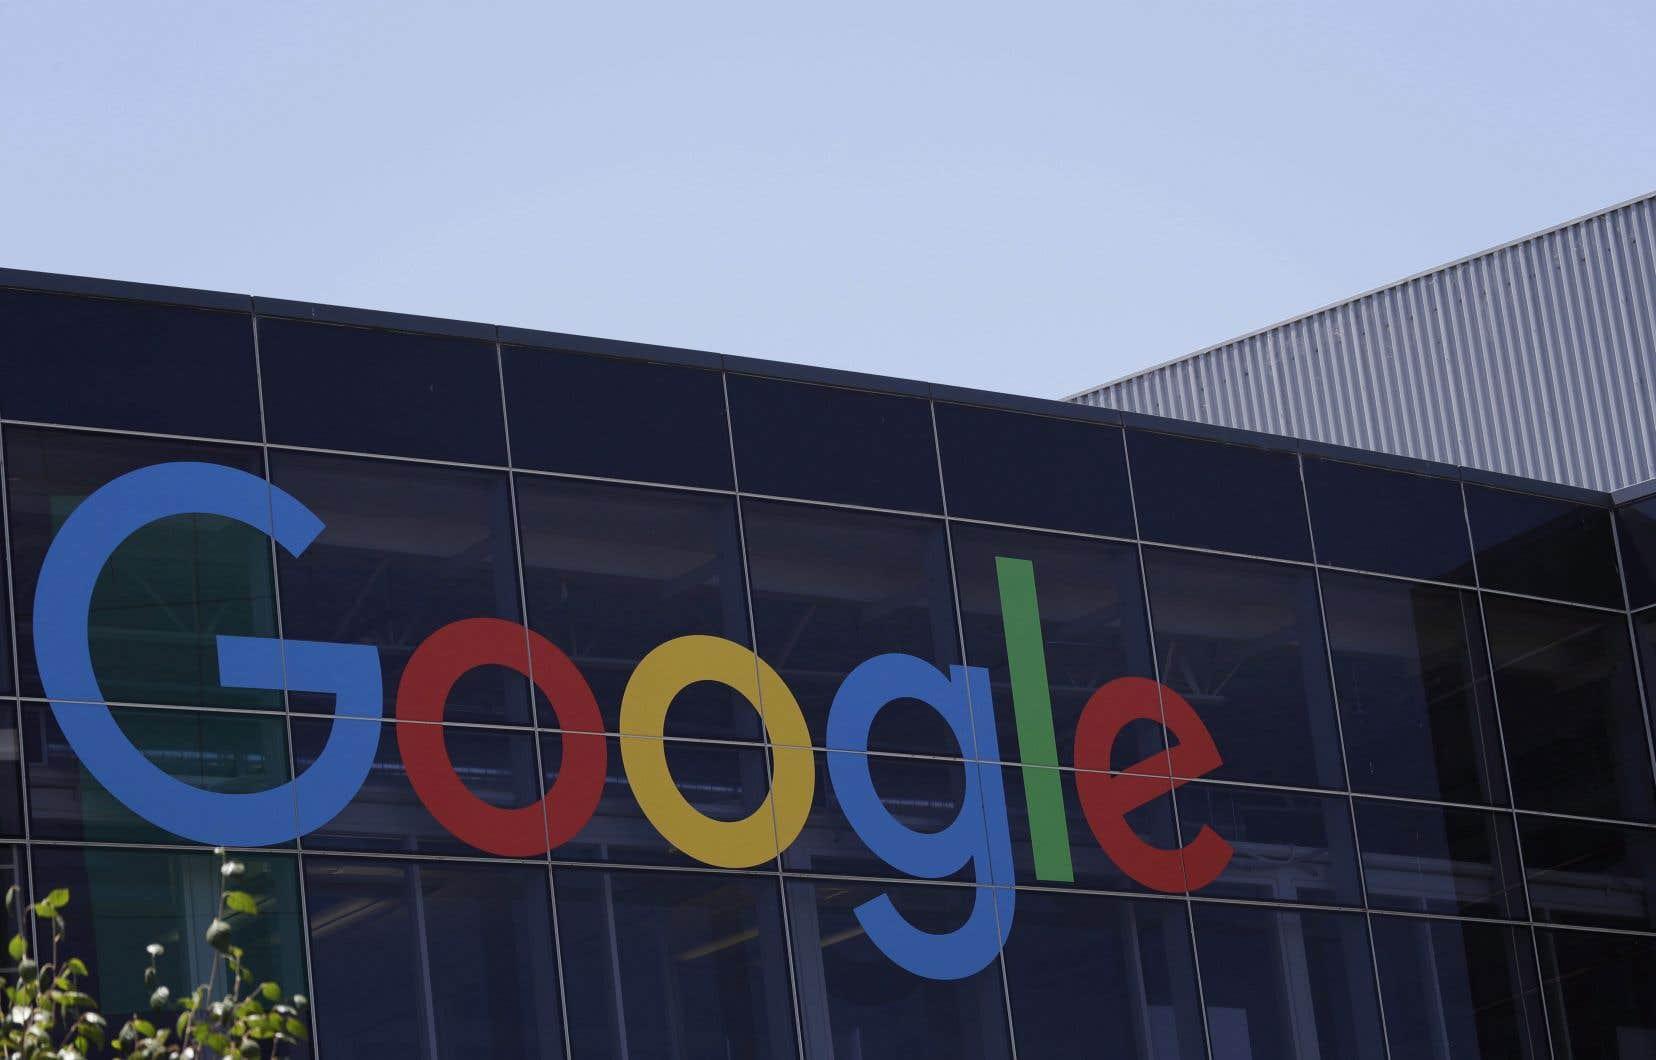 Google a décidé de ne pas diffuser d'annonces partisanes au cours de la prochaine campagne électorale plutôt que de se conformer à une nouvelle loi qui oblige les réseaux sociaux à conserver un registre de publicité en ligne.